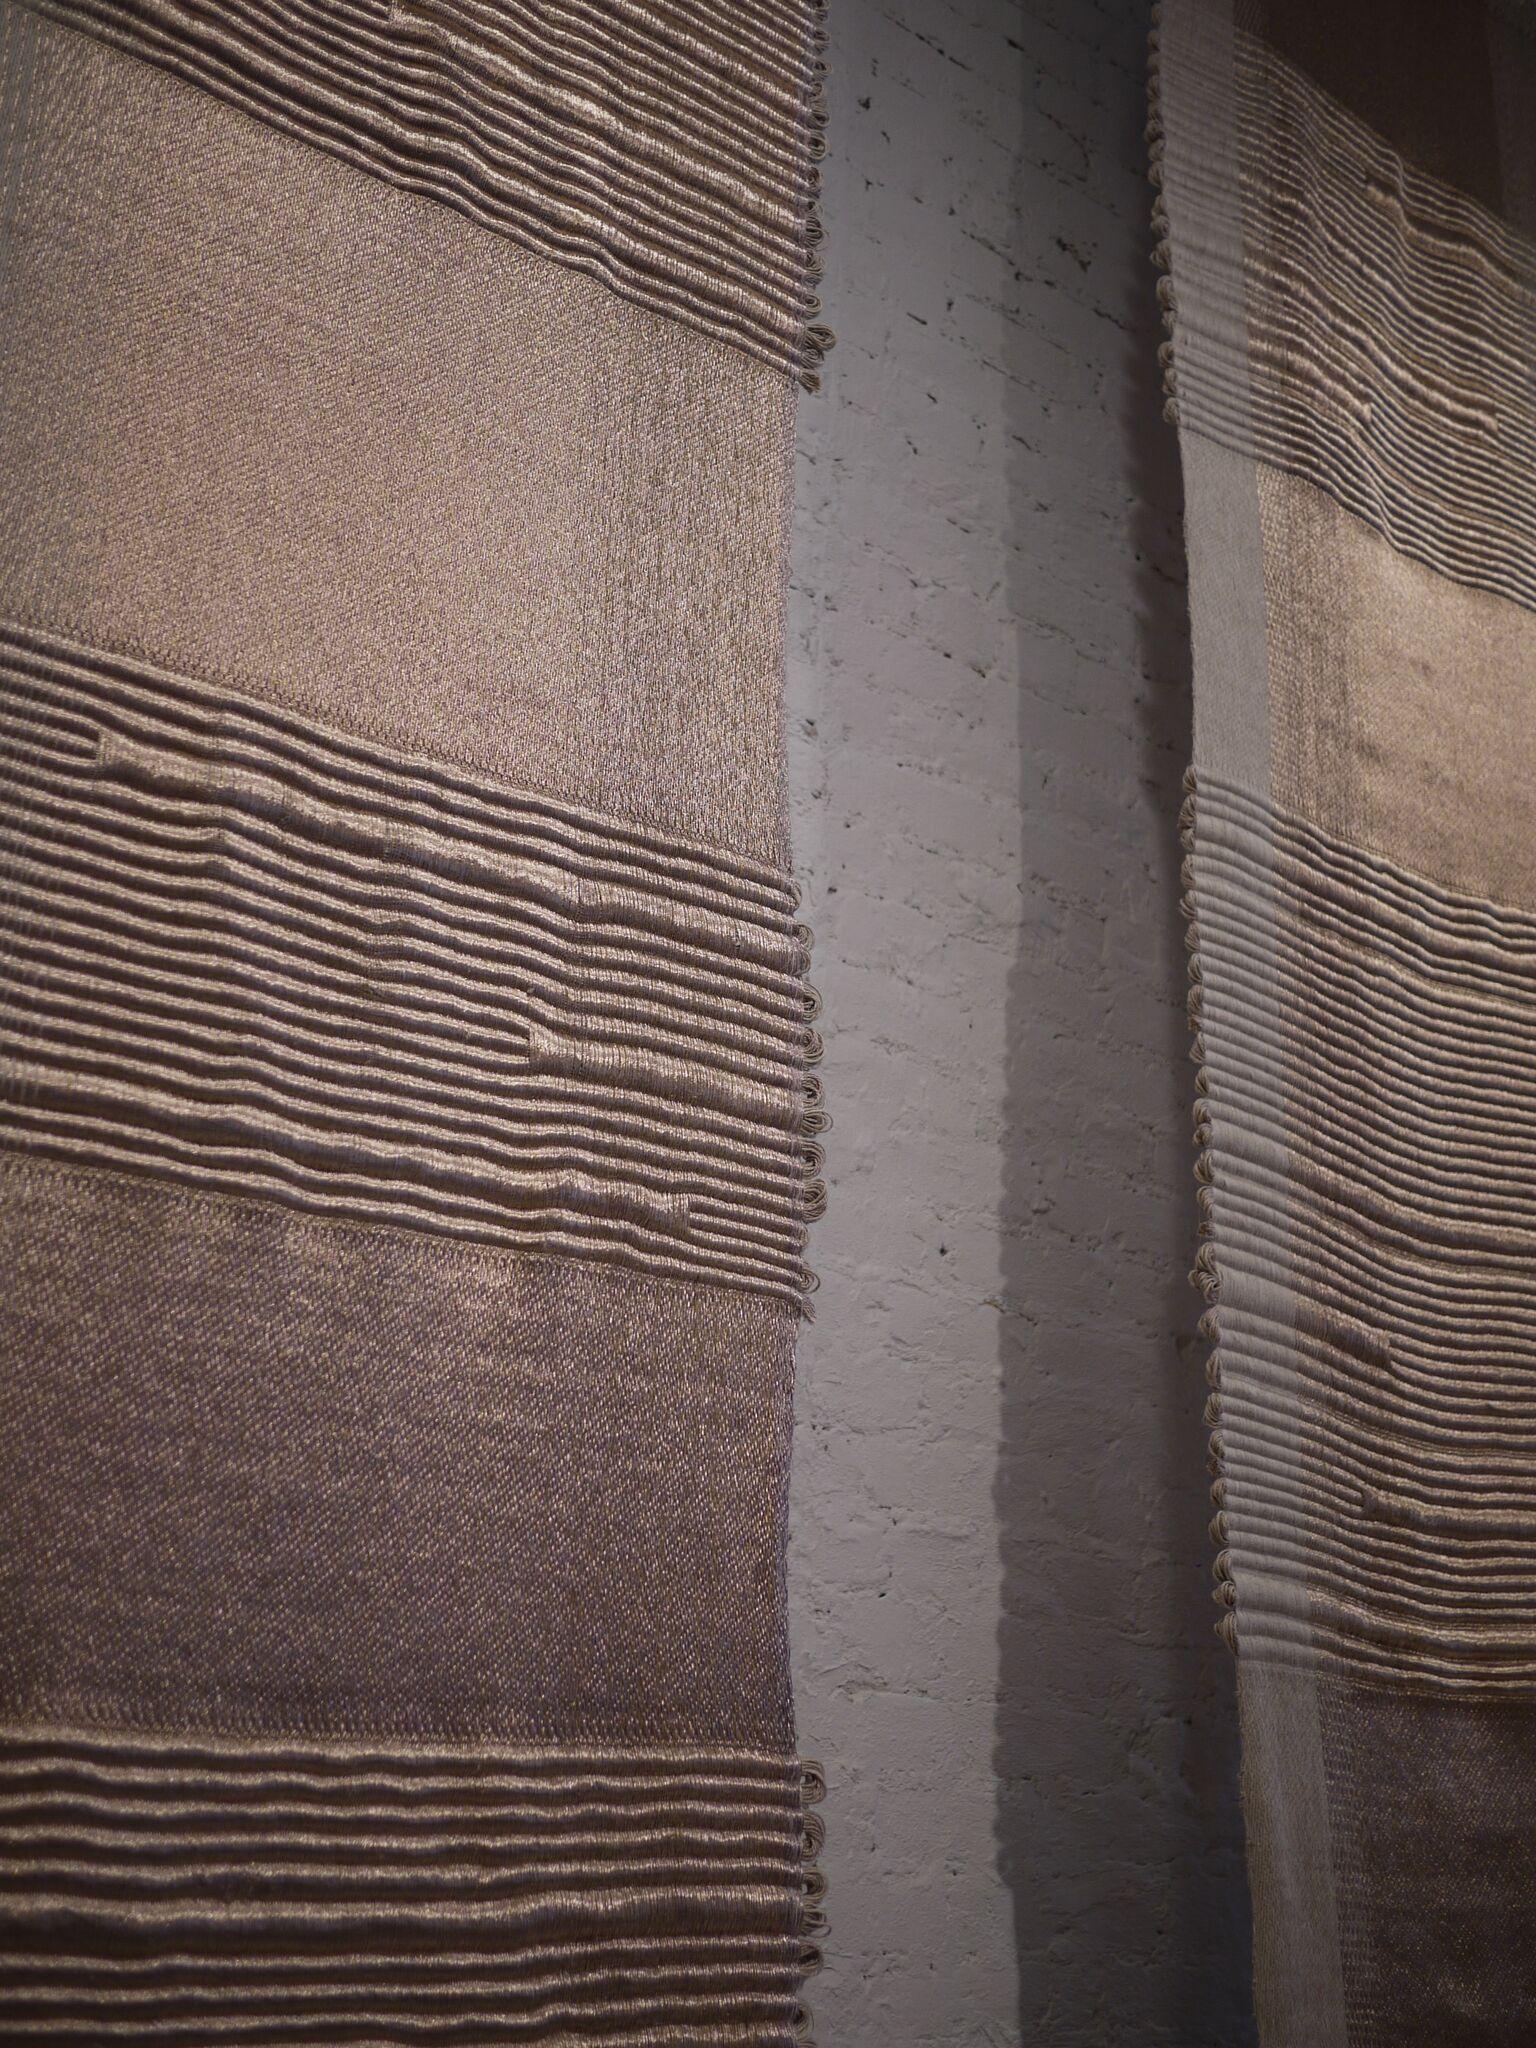 Apollo, Hiroko Takeda, 2015, NY Studio, 192%22h x 36%22w, mixed natural & metallic 5.jpg